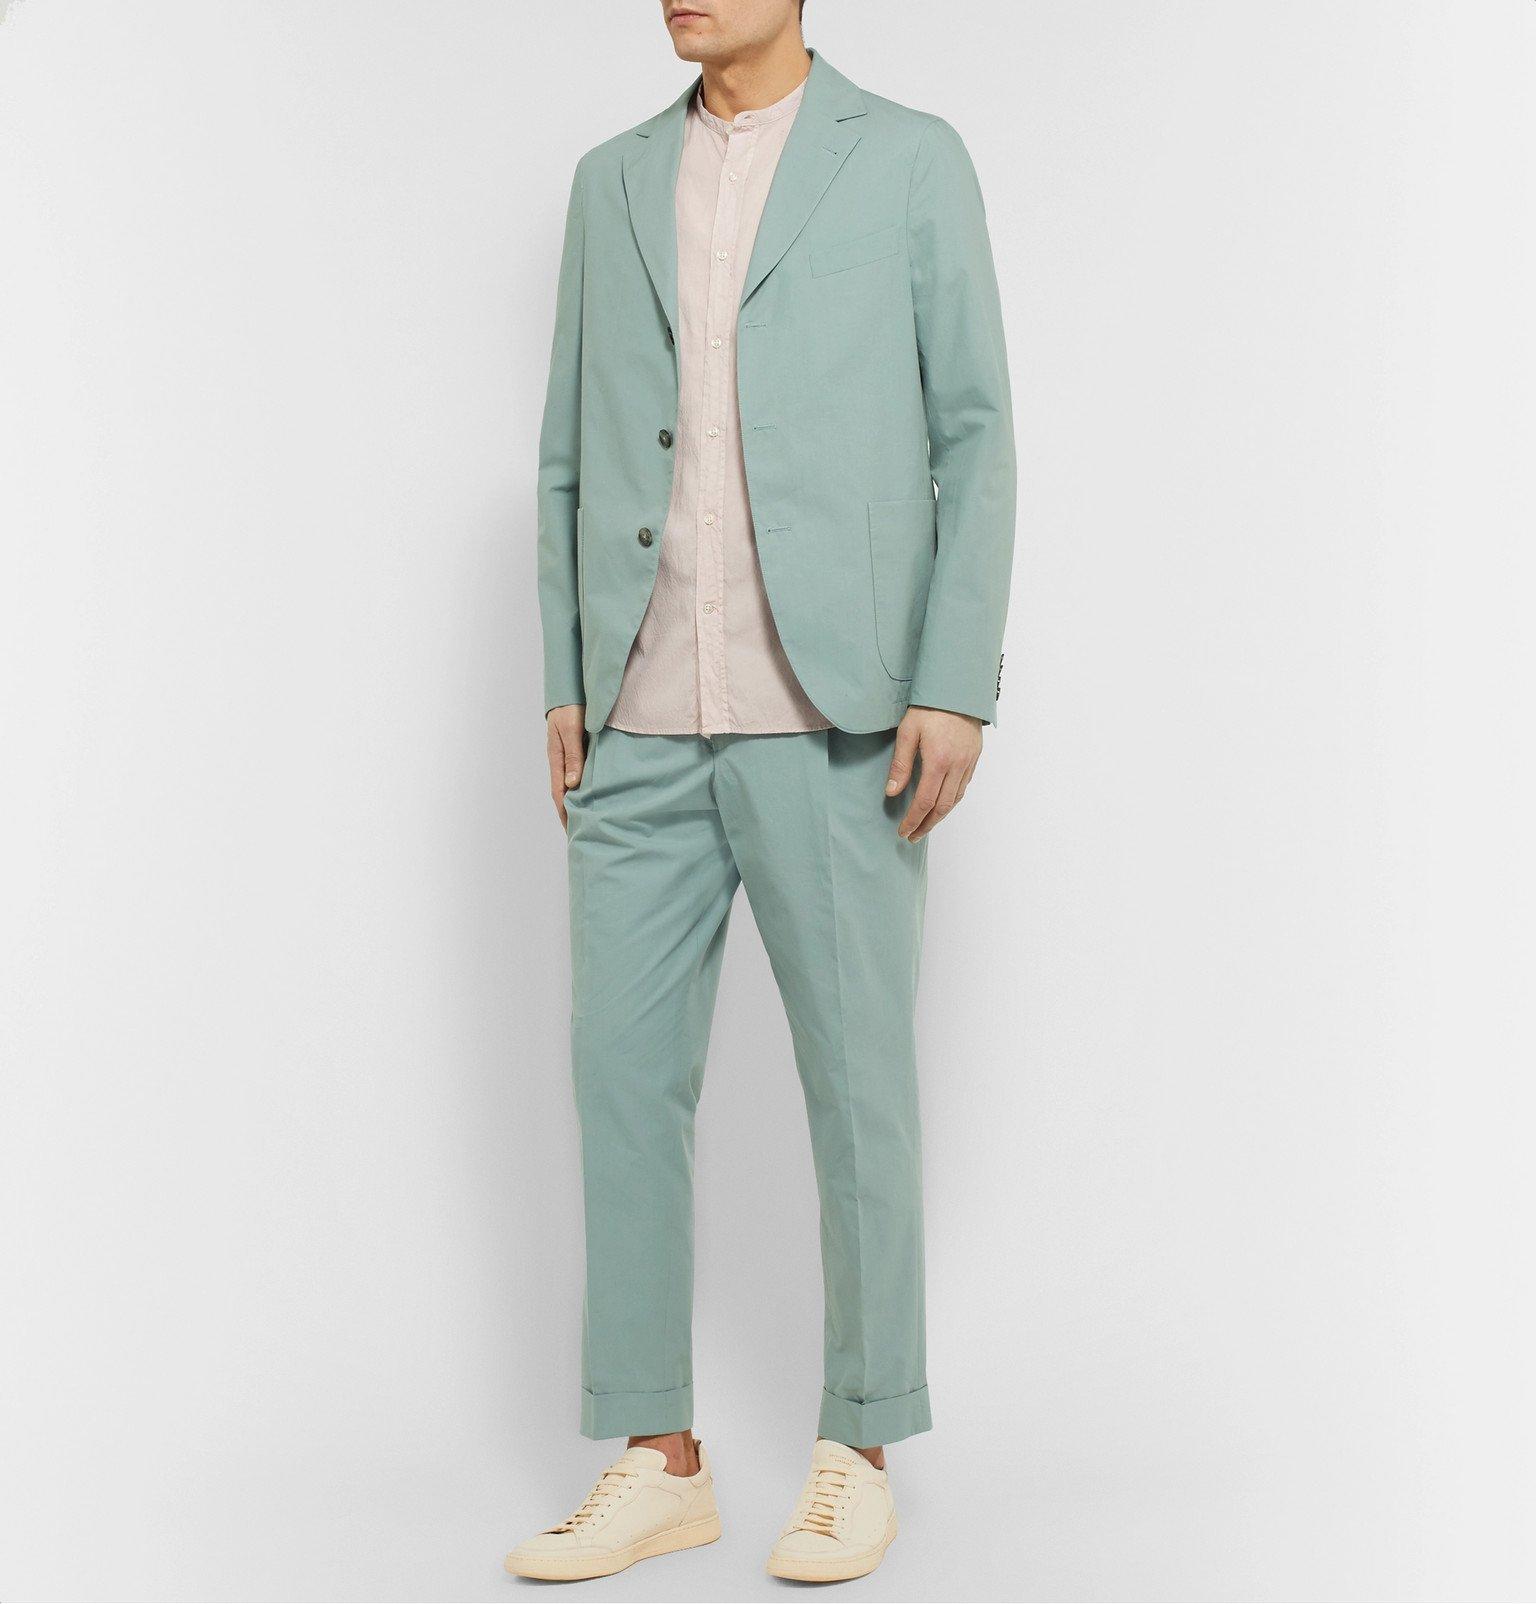 Officine Generale - Armie Slim-Fit Cotton Suit Jacket - Green